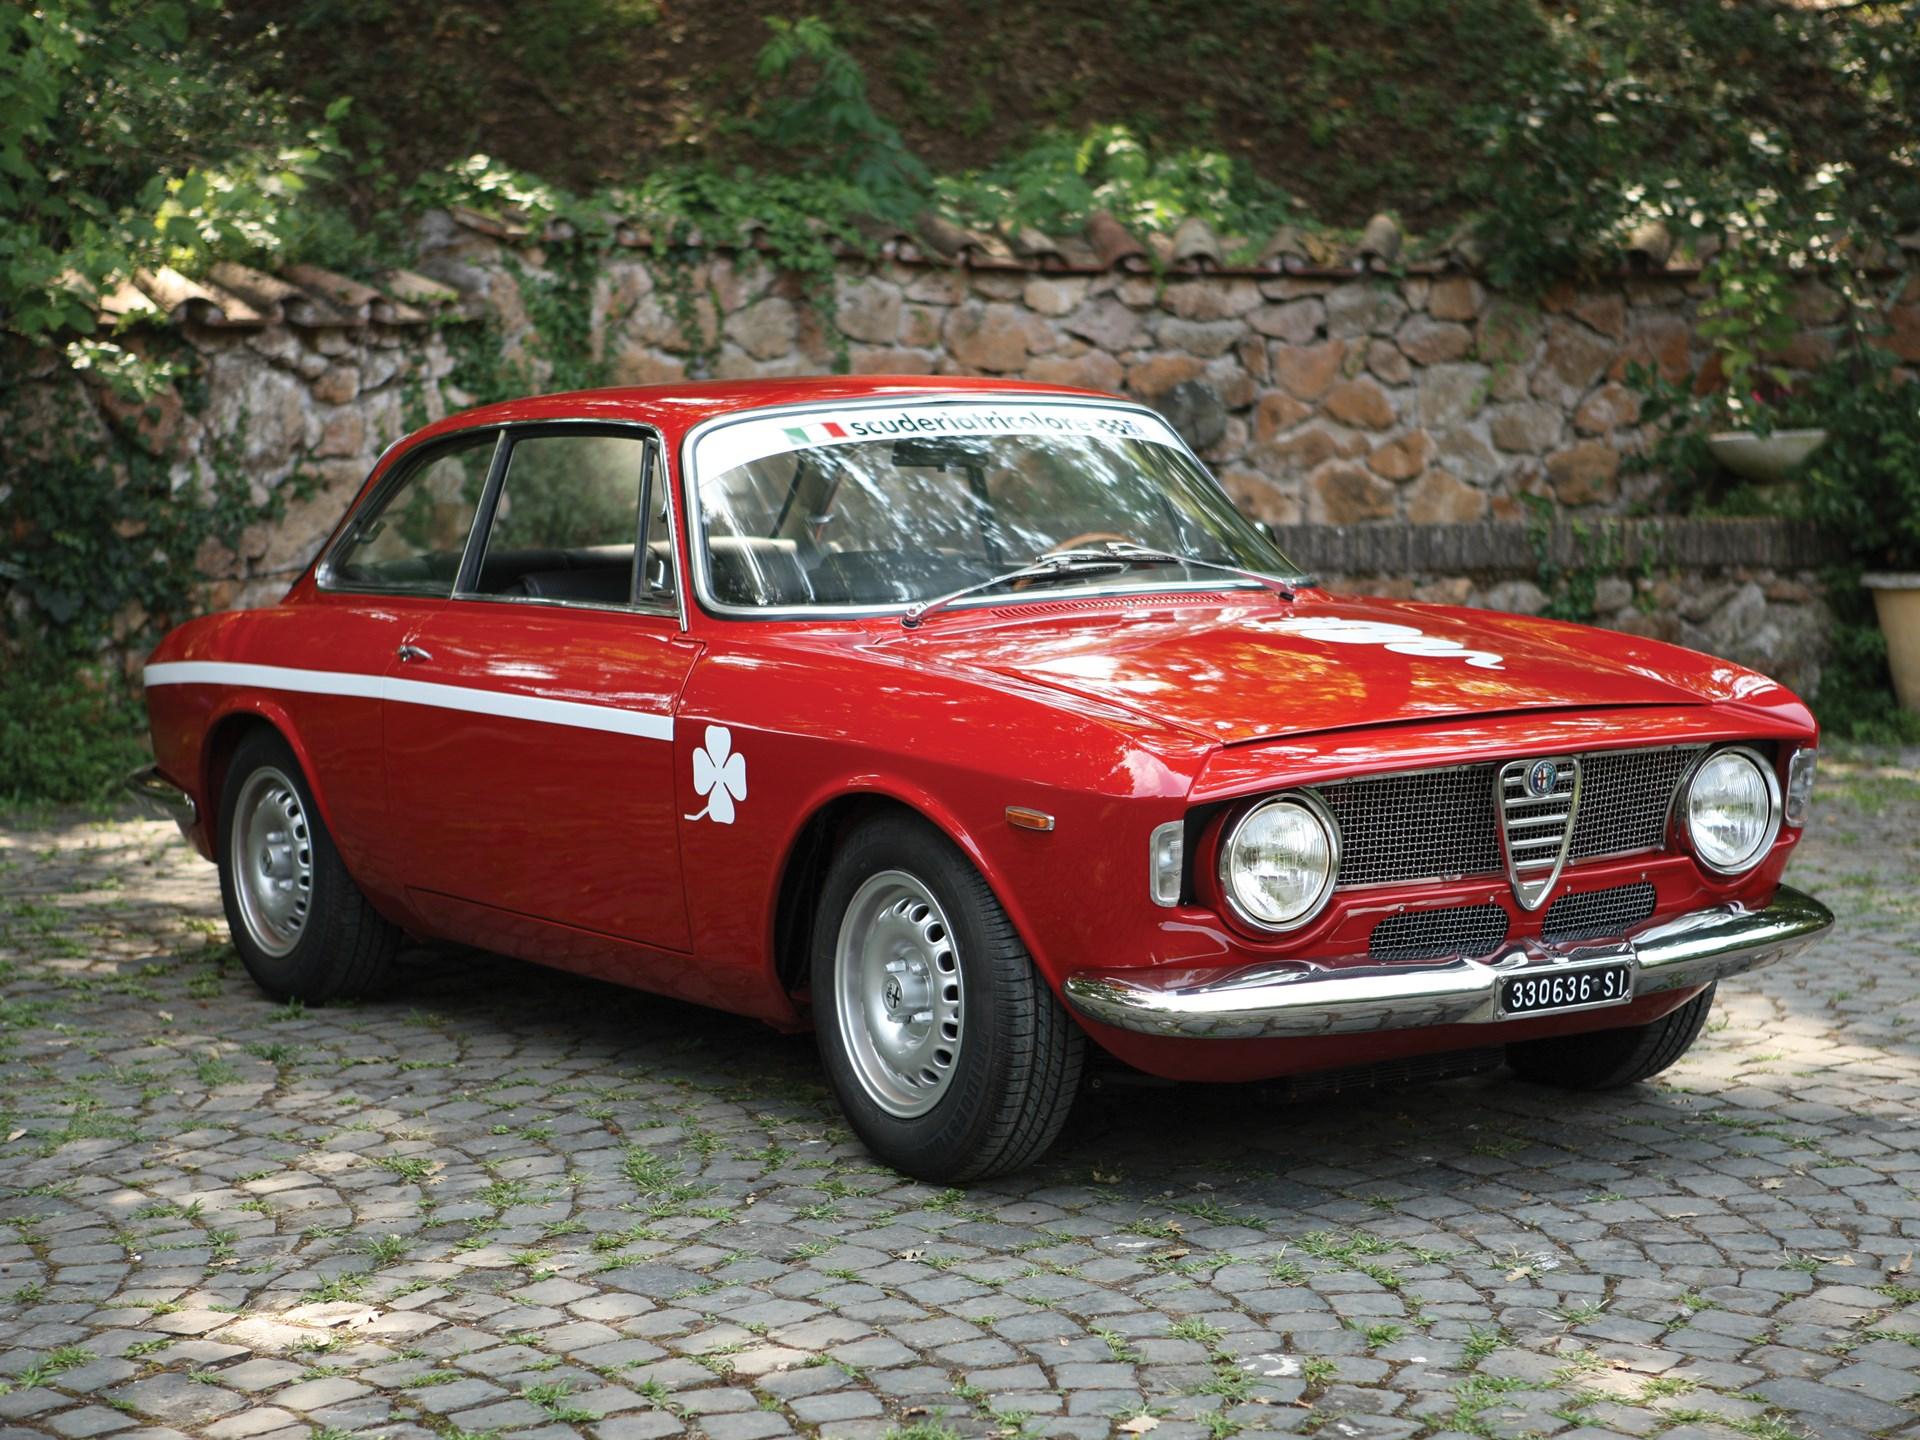 1968 Alfa Romeo Giulia Sprint Gta 1300 Junior Stradale By Bertone